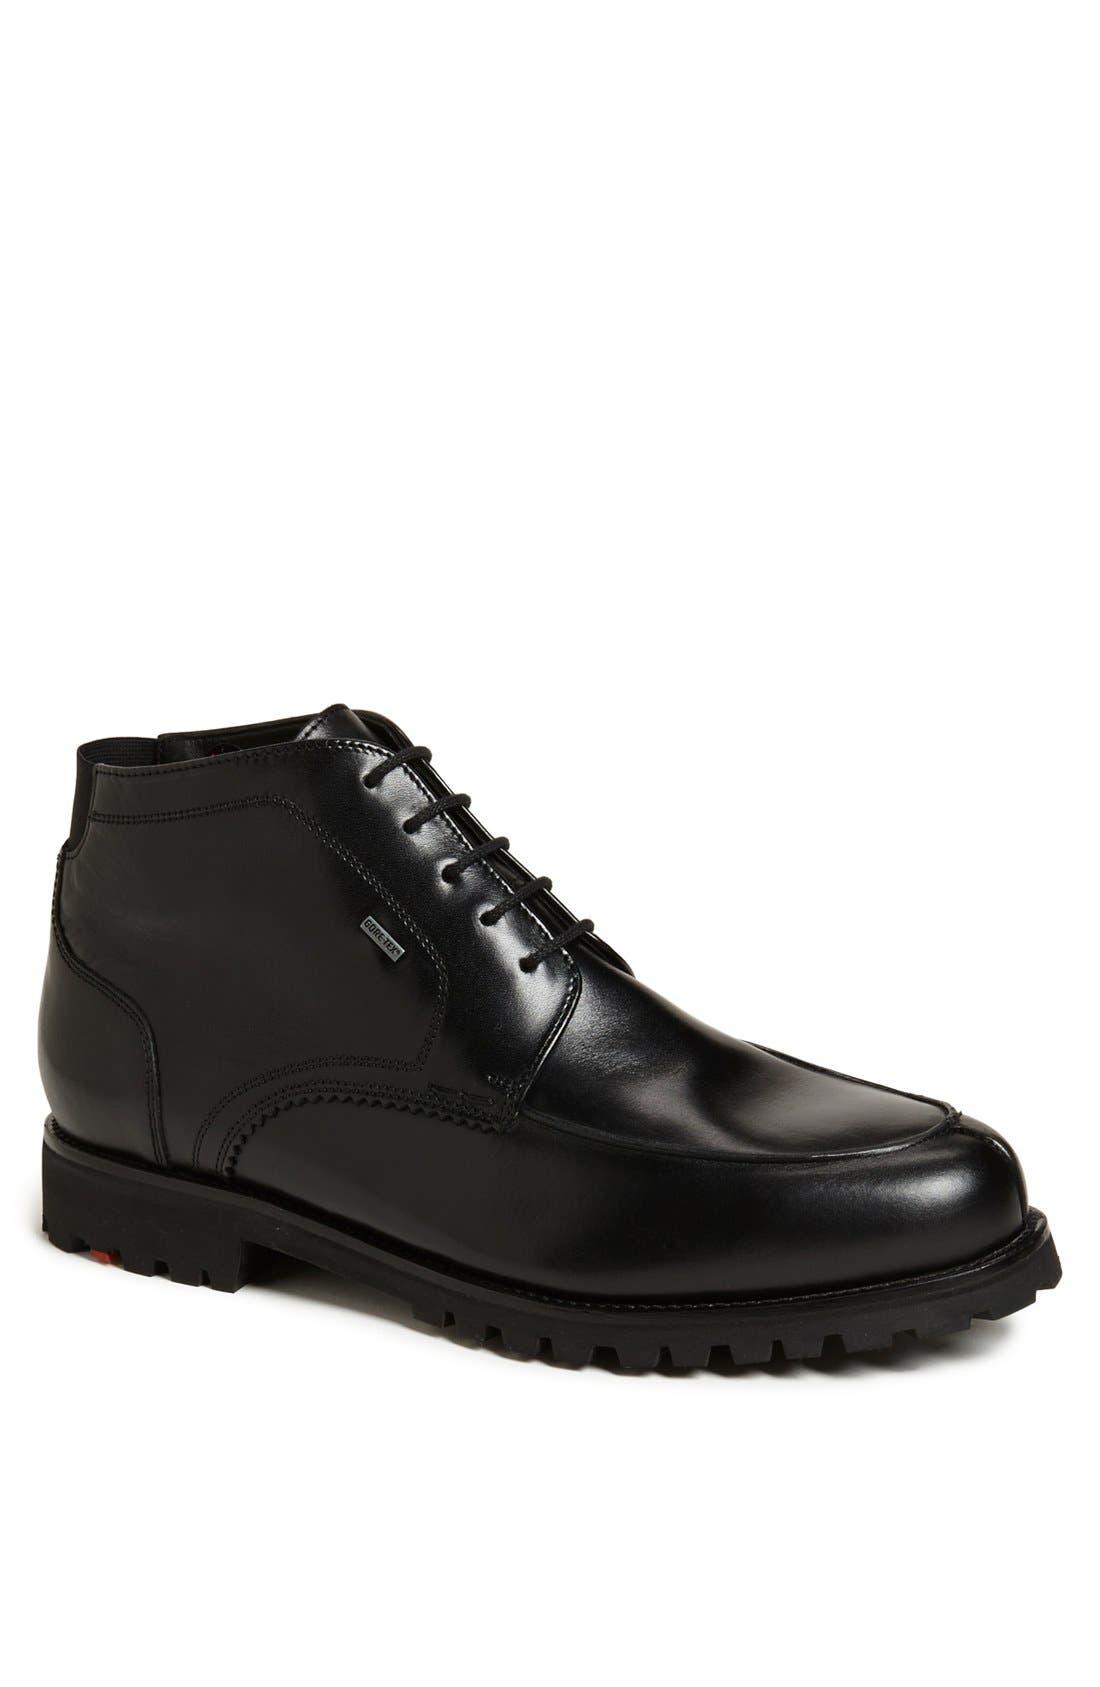 LLOYD 'Varello' Chukka Boot